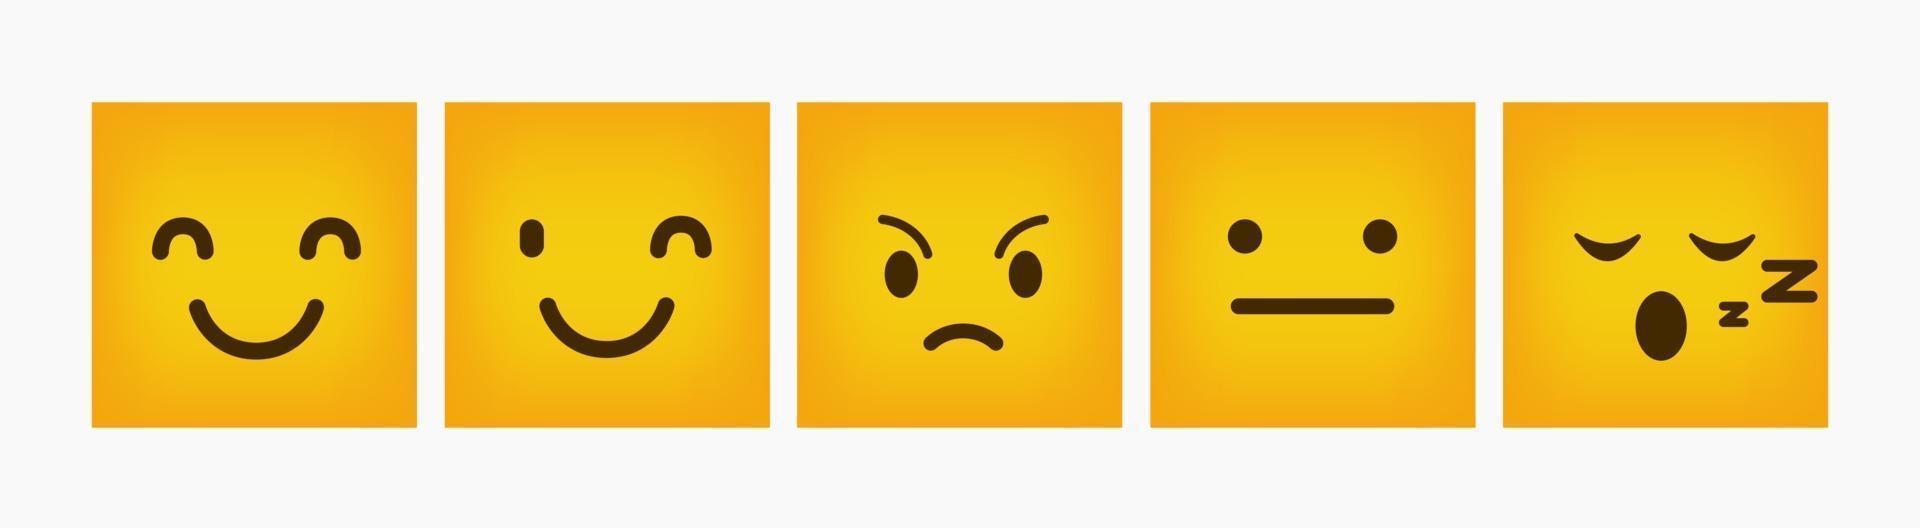 Design Reaktion Emoticon Flat Square Set vektor